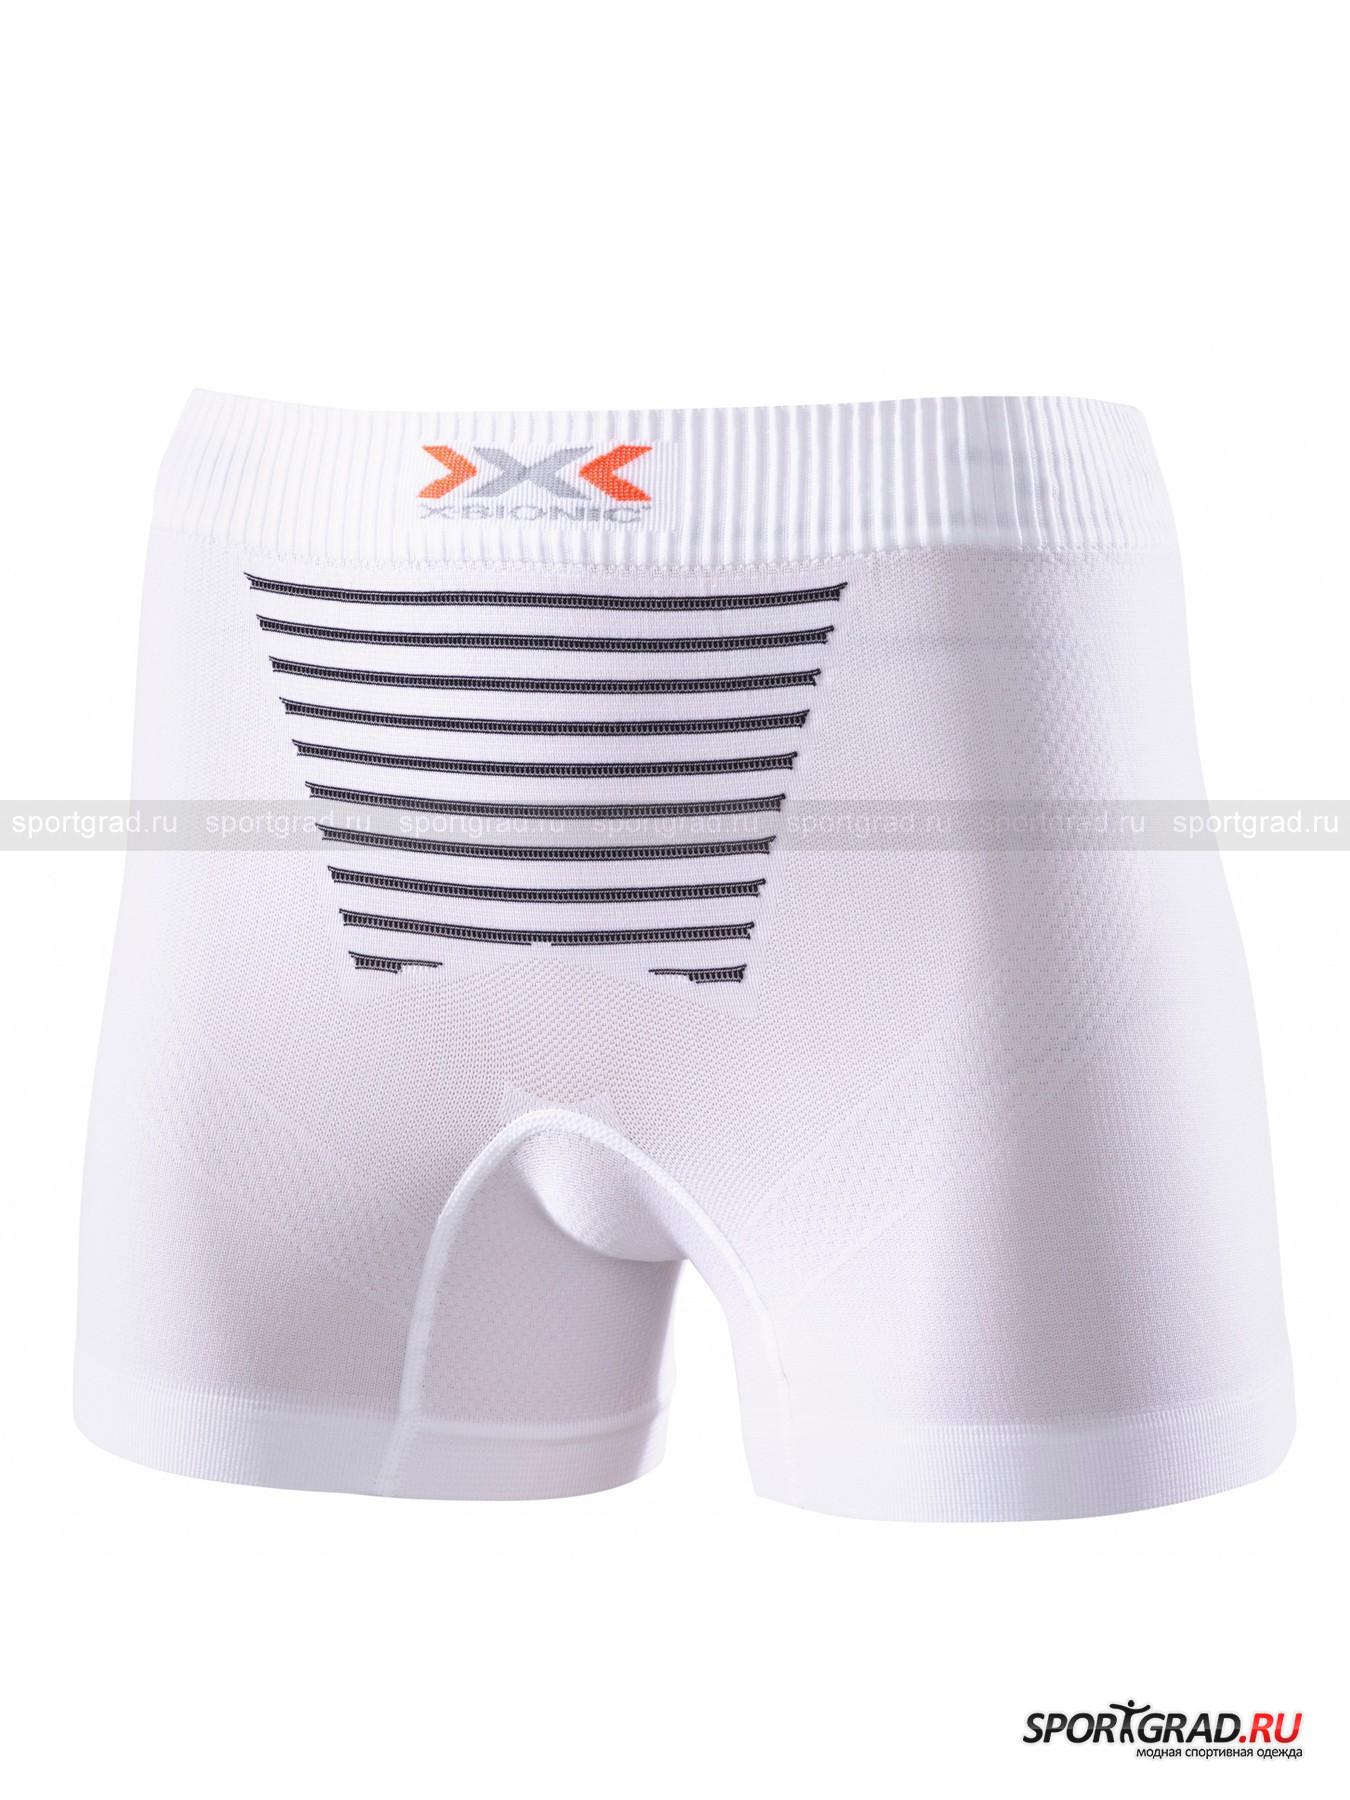 Белье: термобоксеры женские UNDERWEAR INVENT LT UW BOXER X-BIO для занятий спортом от Спортград